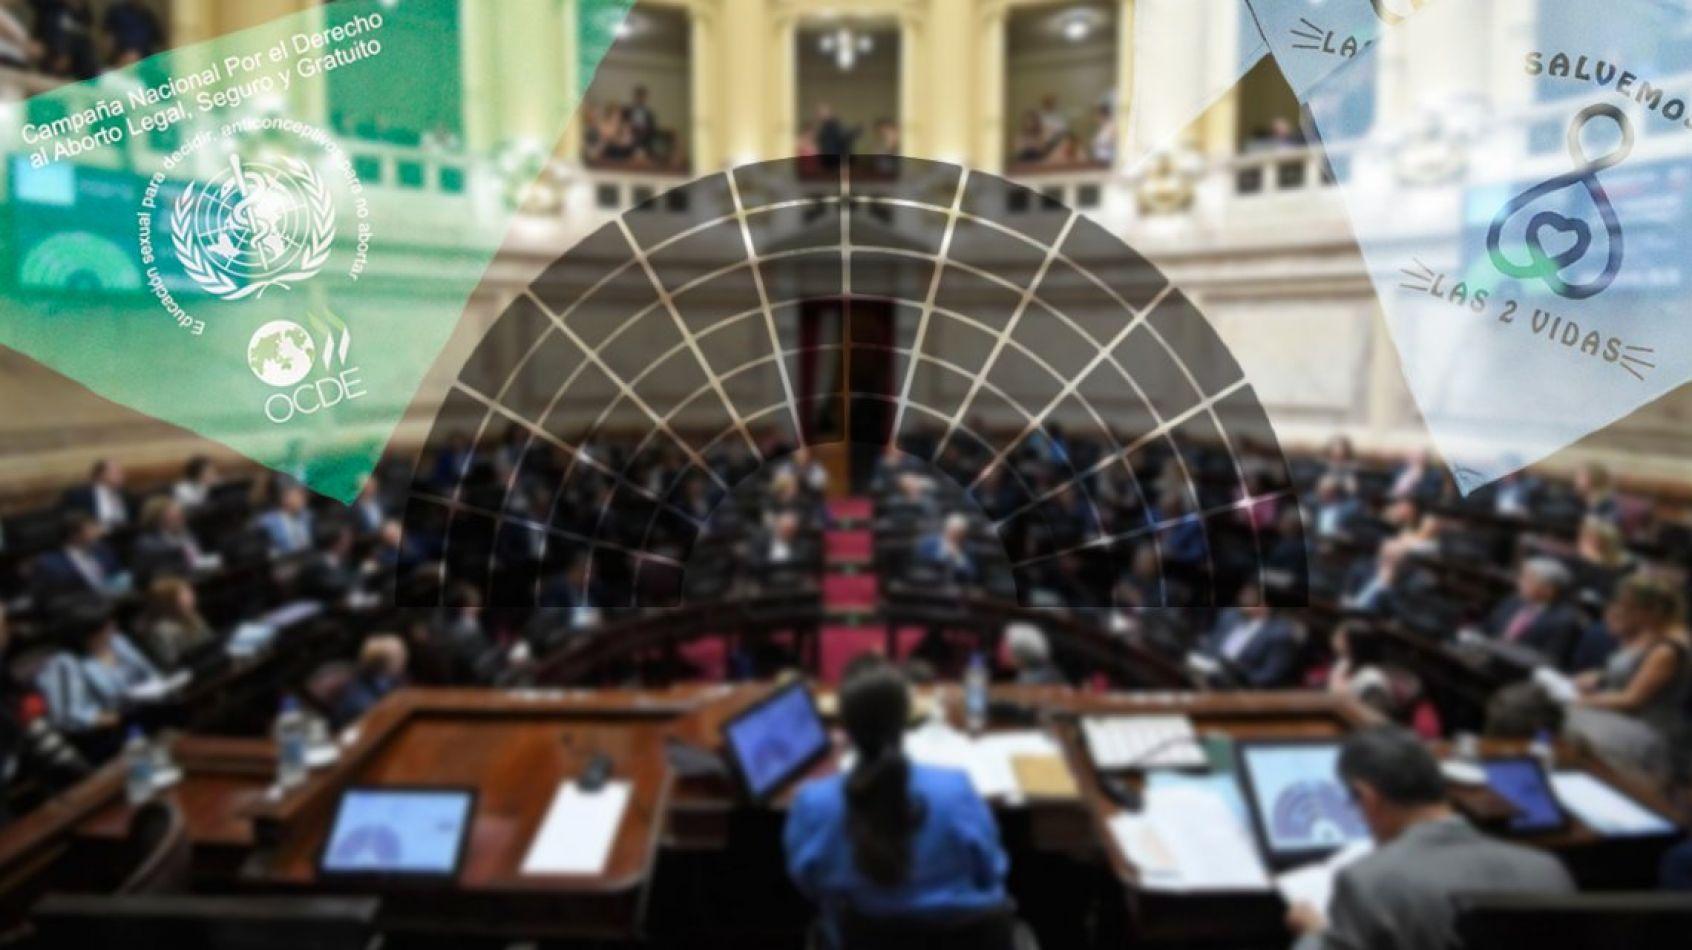 Senado adelanta la sesión para tratar el proyecto de legalización del aborto